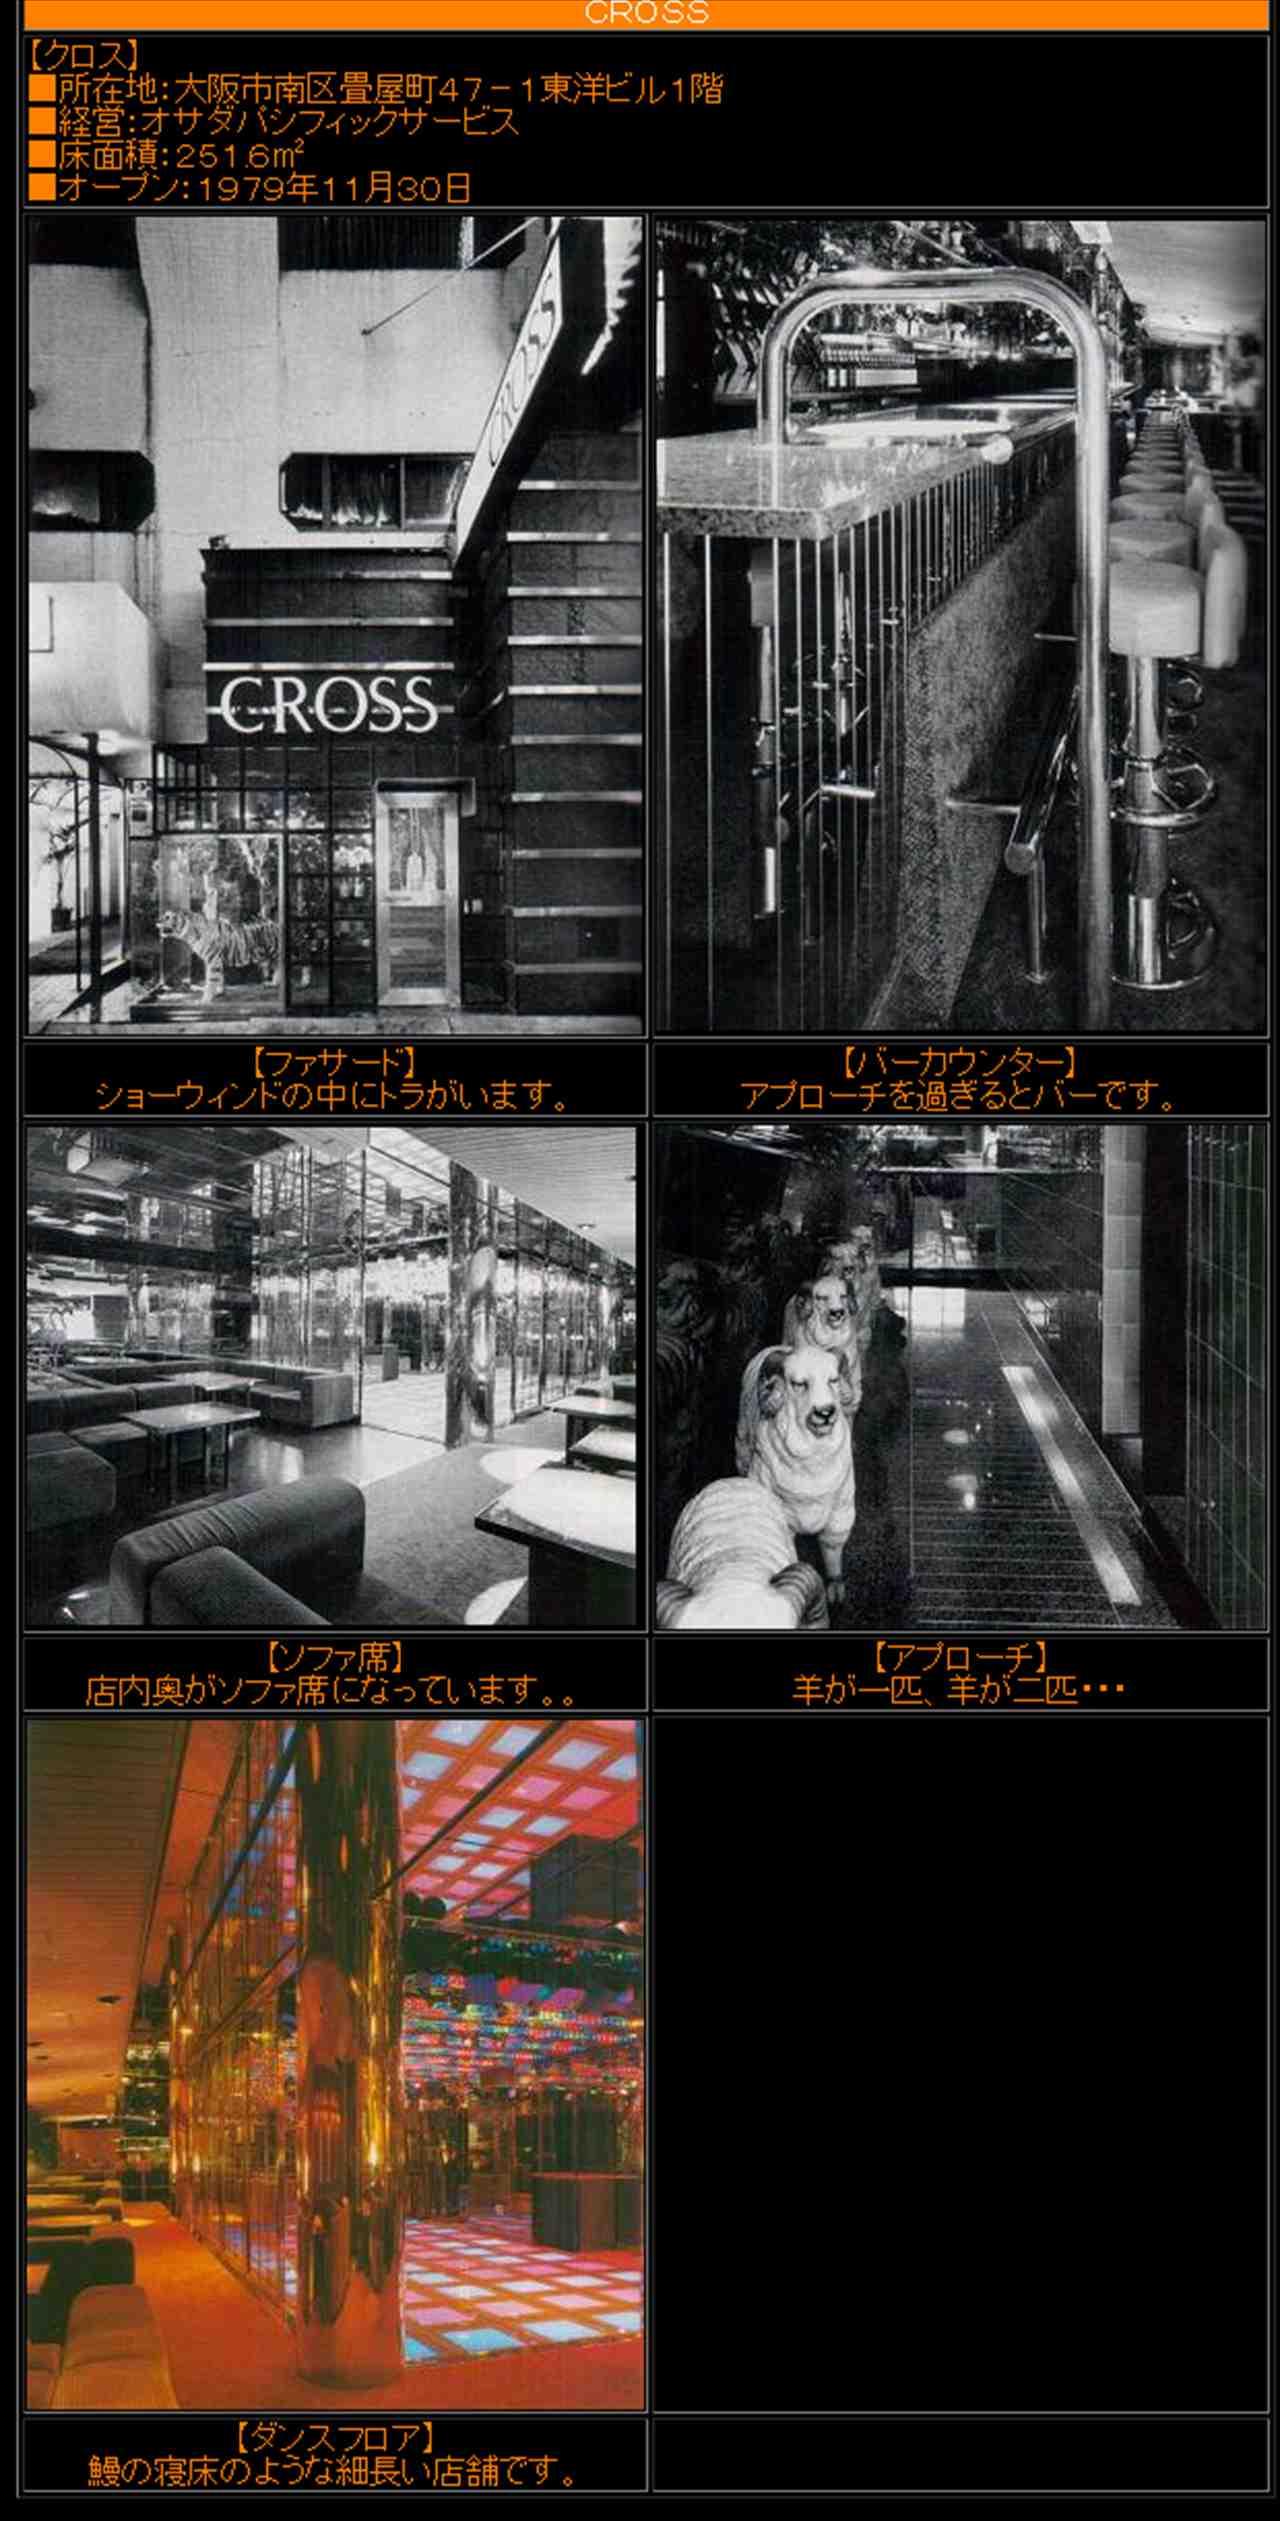 Cross 01_R